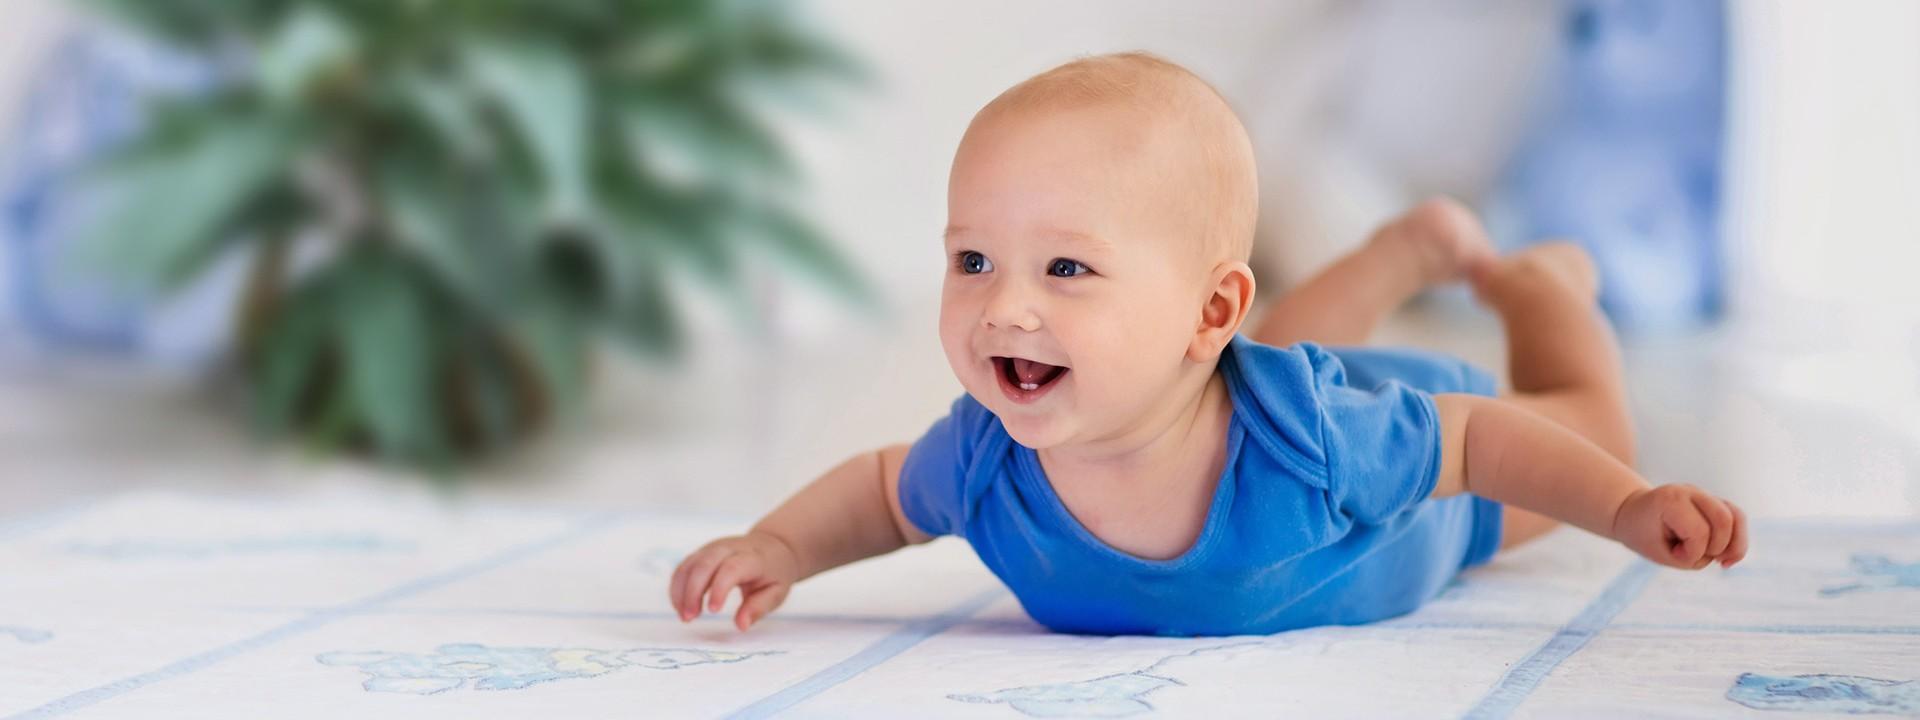 Baby im blauen Strampelanzug liegt auf dem Bauch, auf einer hellblauen Babydecke.